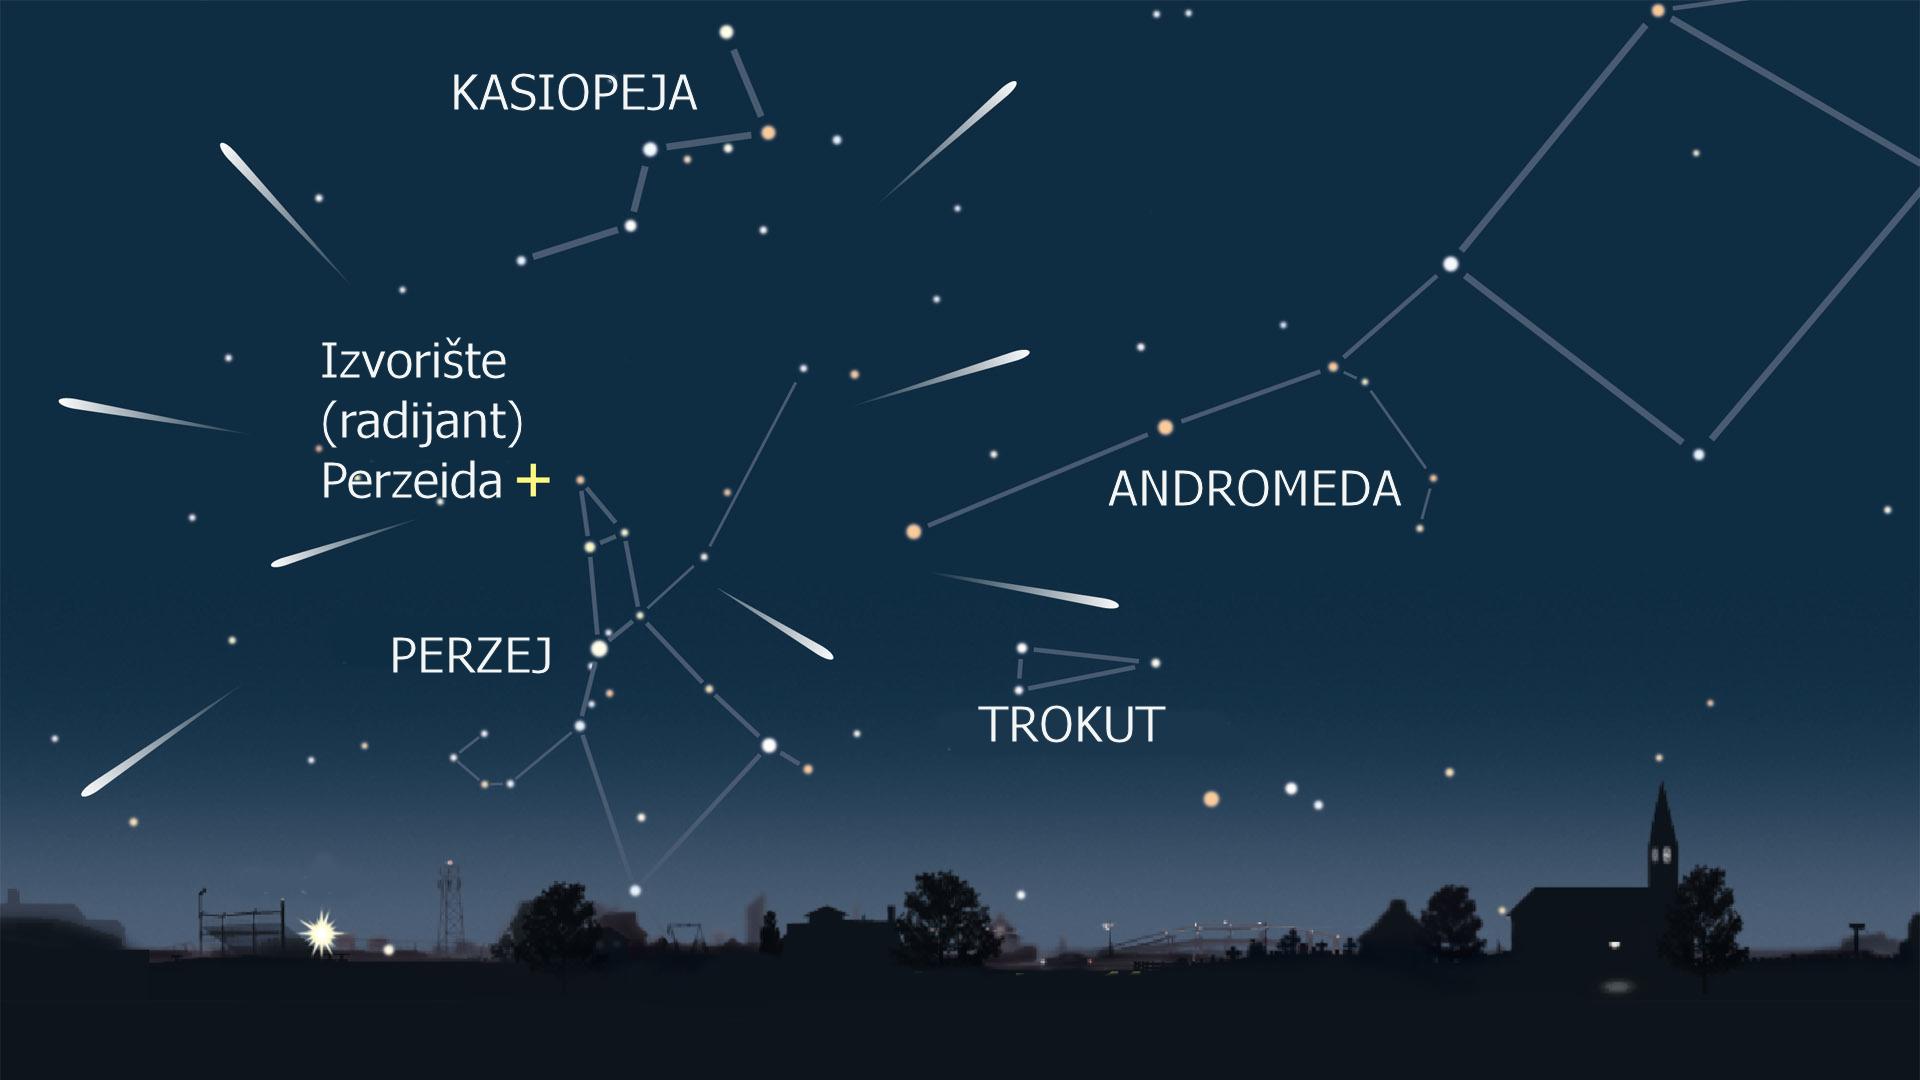 Ne propustite suze sv. Lovre, više od 60 meteora na sat padat će tijekom noći